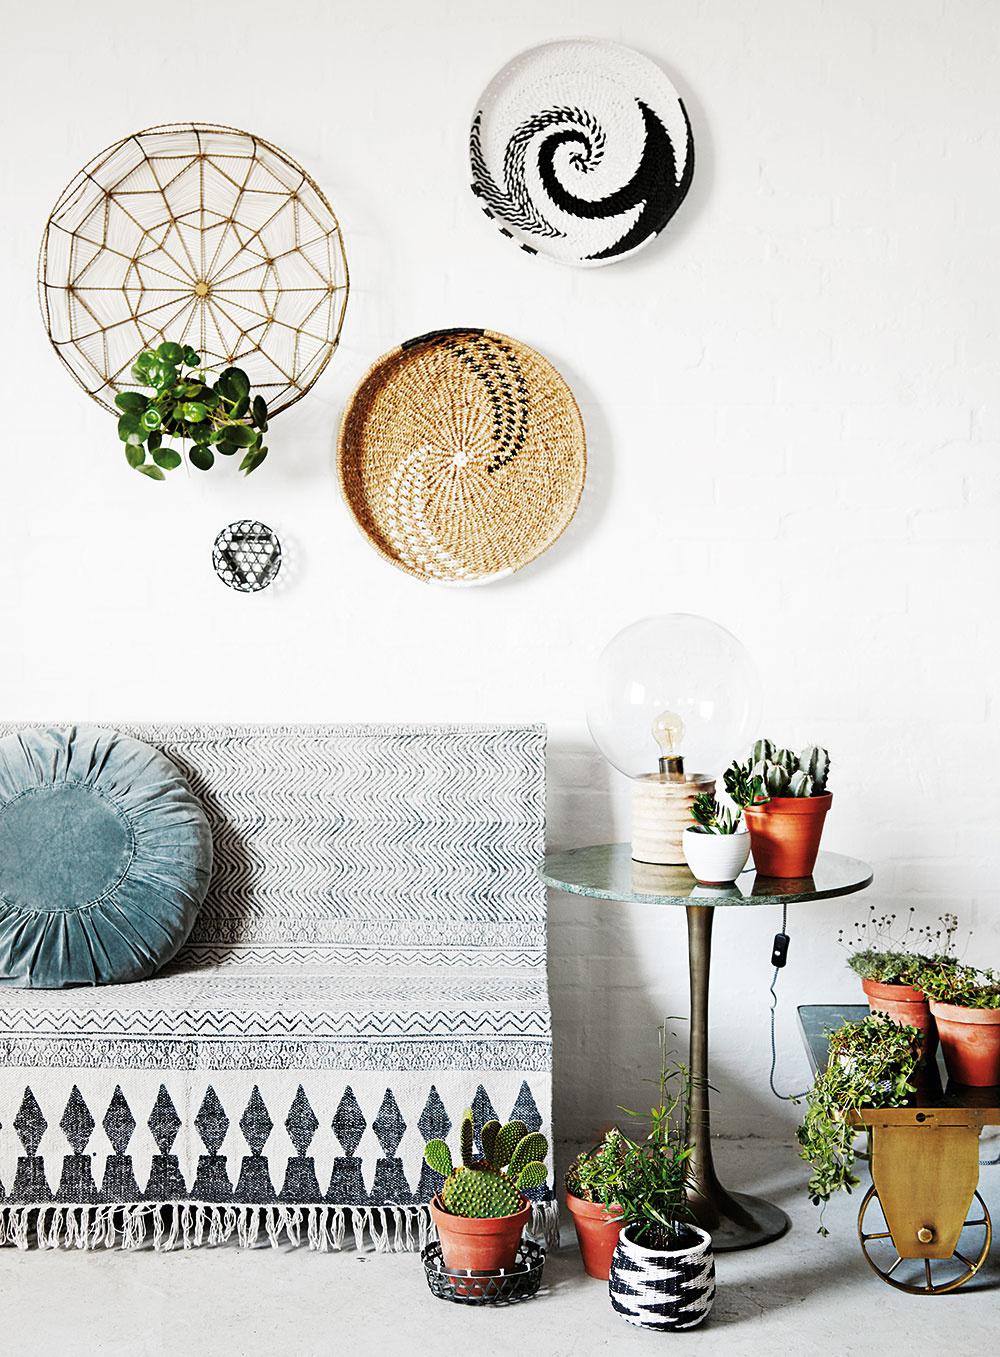 Príjemným oživením interiéru môžu byť aj skupinky menších rastlín, napríklad vsúčasnosti mimoriadne obľúbených kaktusov asukulentov. Umiestňujte ich vždy tak, aby vám vpriestore zbytočne neprekážali.